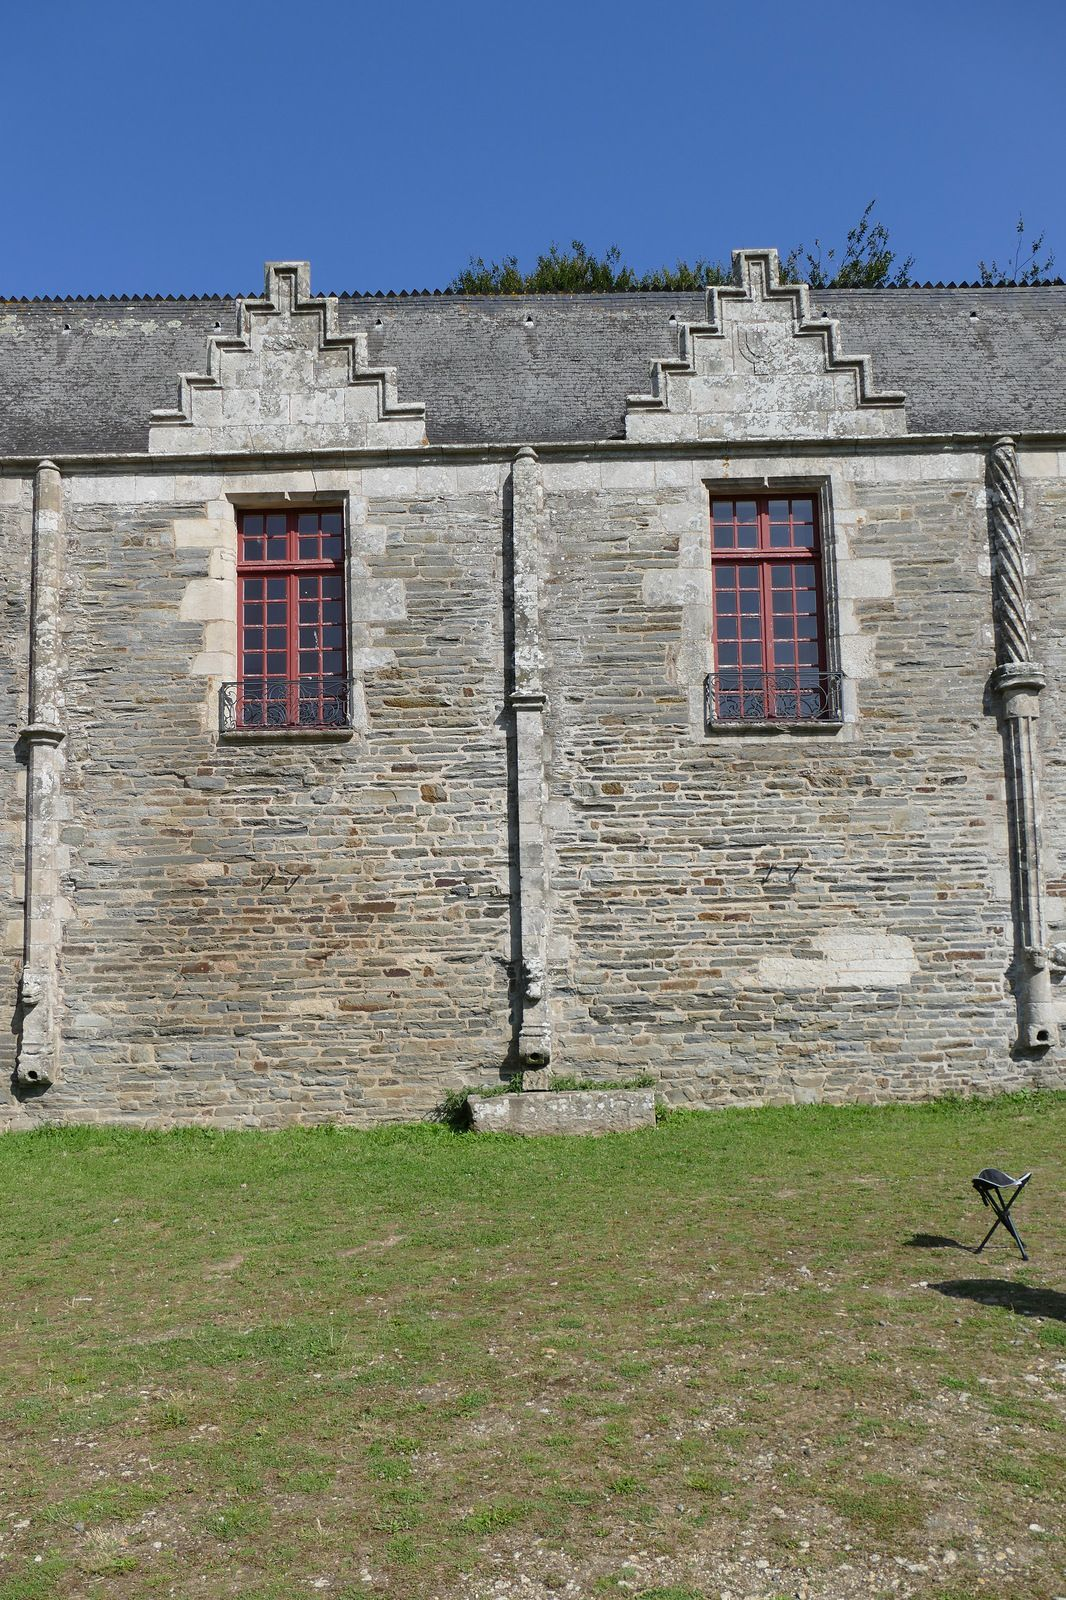 Conduite de gouttière du château de Pontivy. Photographie lavieb-aile 18 août 2021.